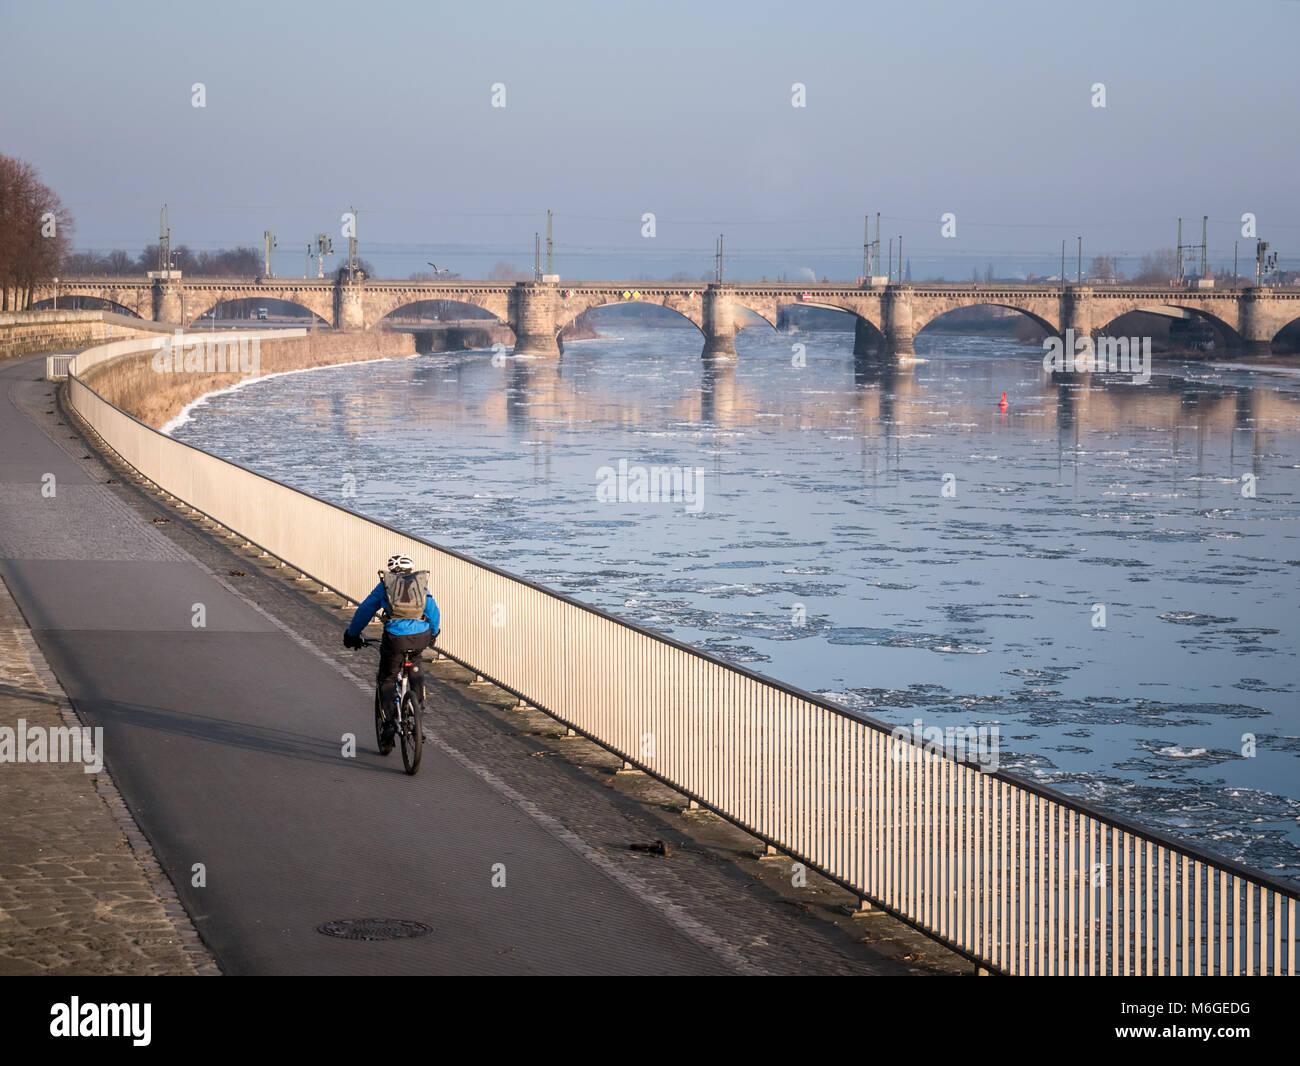 Vista sul Marienbrücke e il fiume Elba con lastre di ghiaccio galleggiante in esso. Come si vede da una posizione Immagini Stock